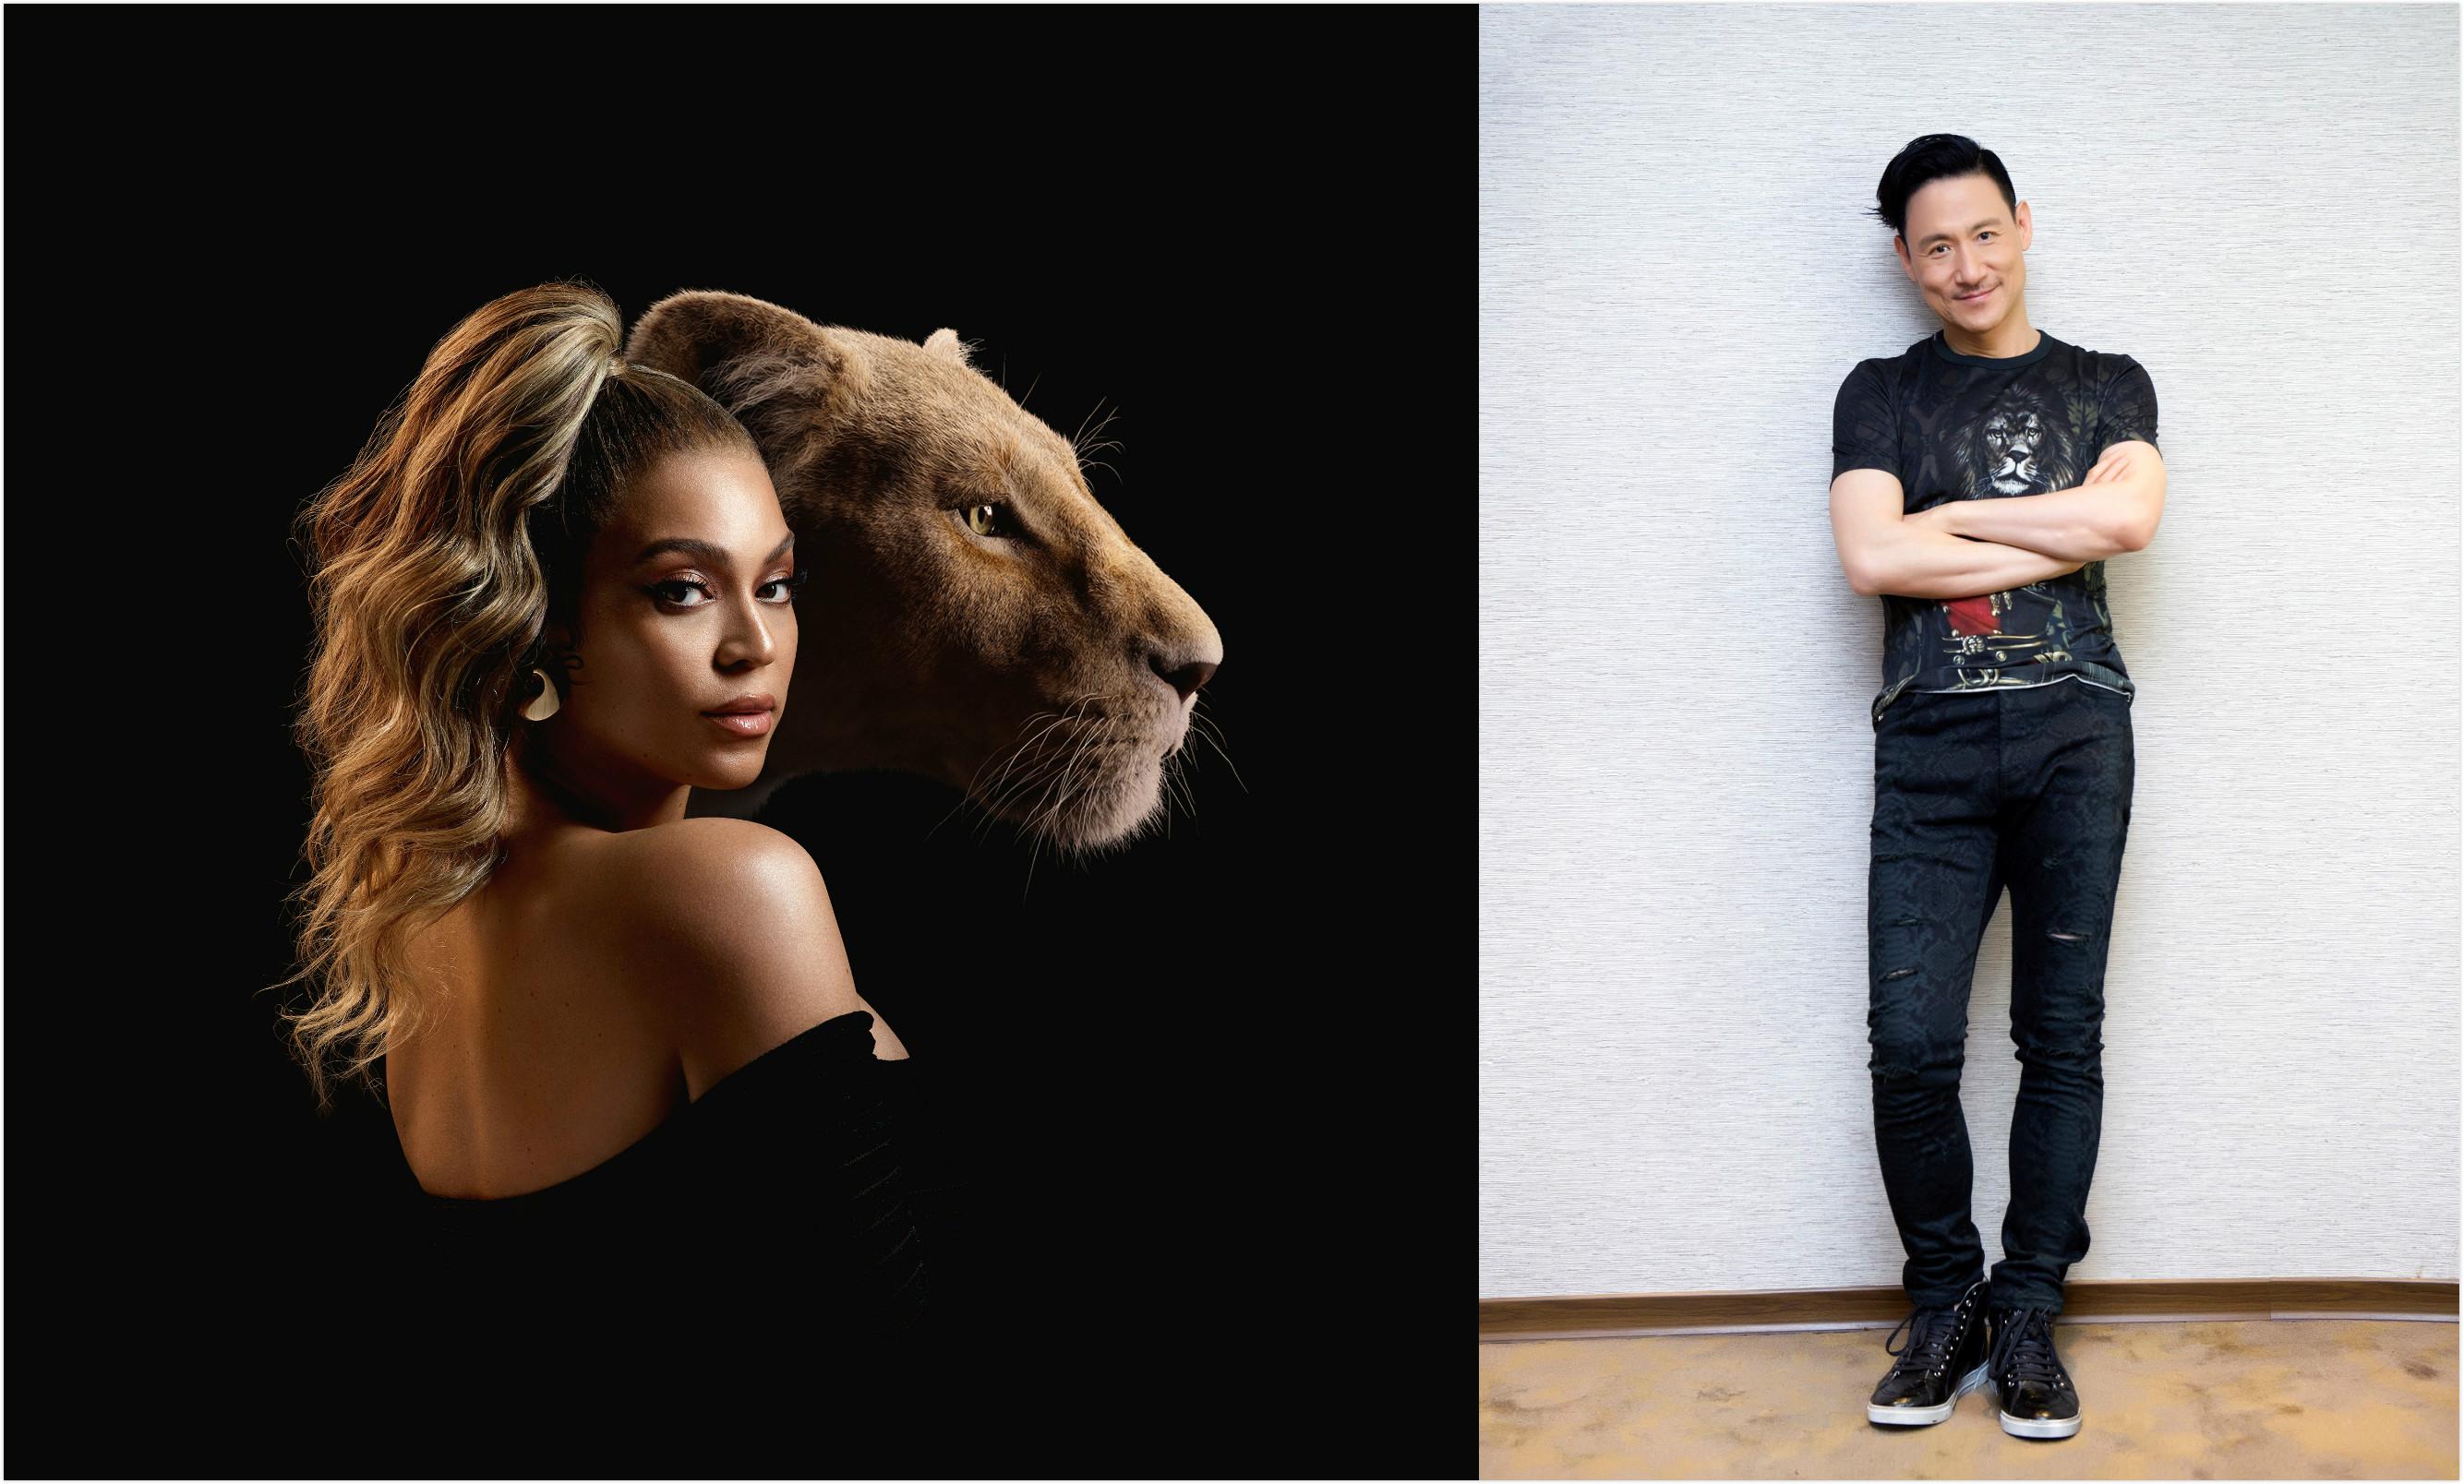 张学友 Beyoncé 联手献声迪士尼经典电影《狮子王》